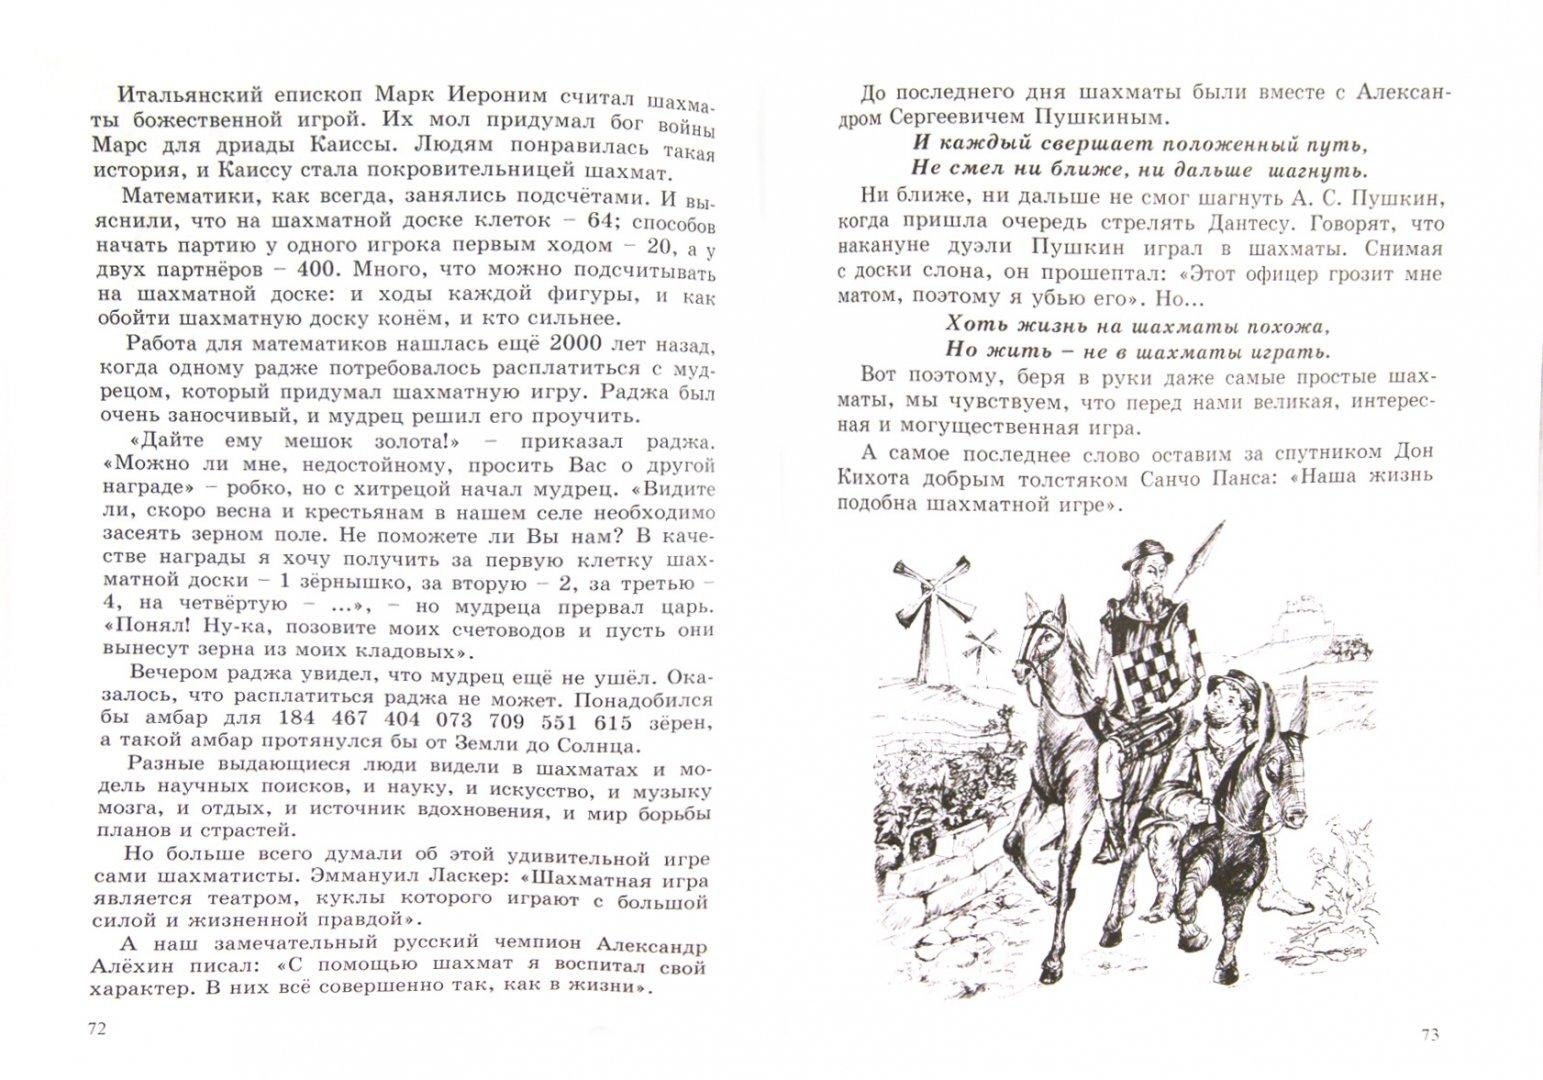 Иллюстрация 1 из 29 для Шахматный учебник для детей и родителей. Часть 2 - Костров, Давлетов   Лабиринт - книги. Источник: Лабиринт